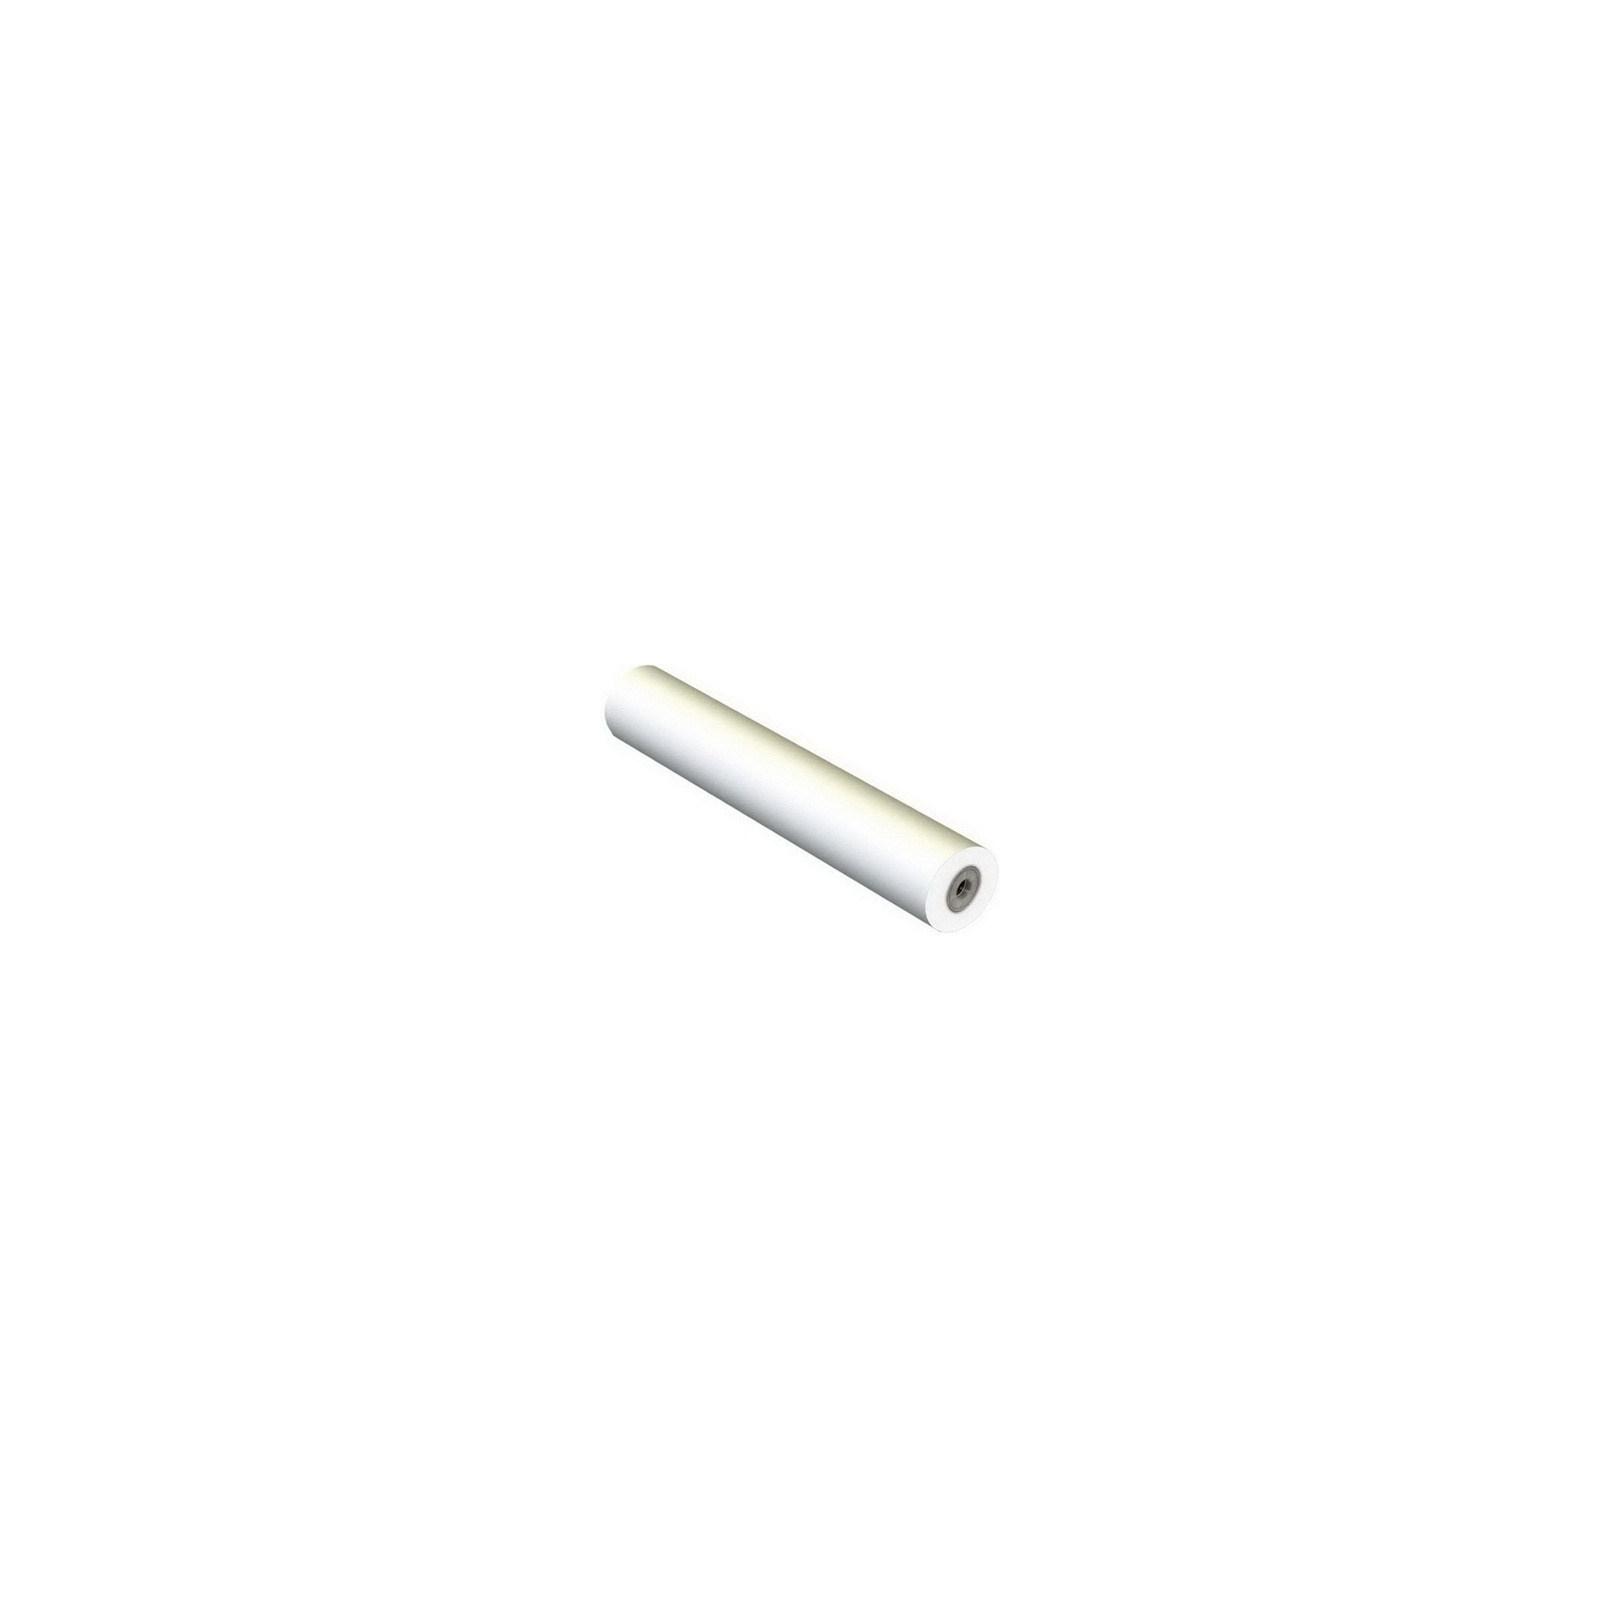 Бумага XEROX 594мм Inkjet Monochrome (496L94034)